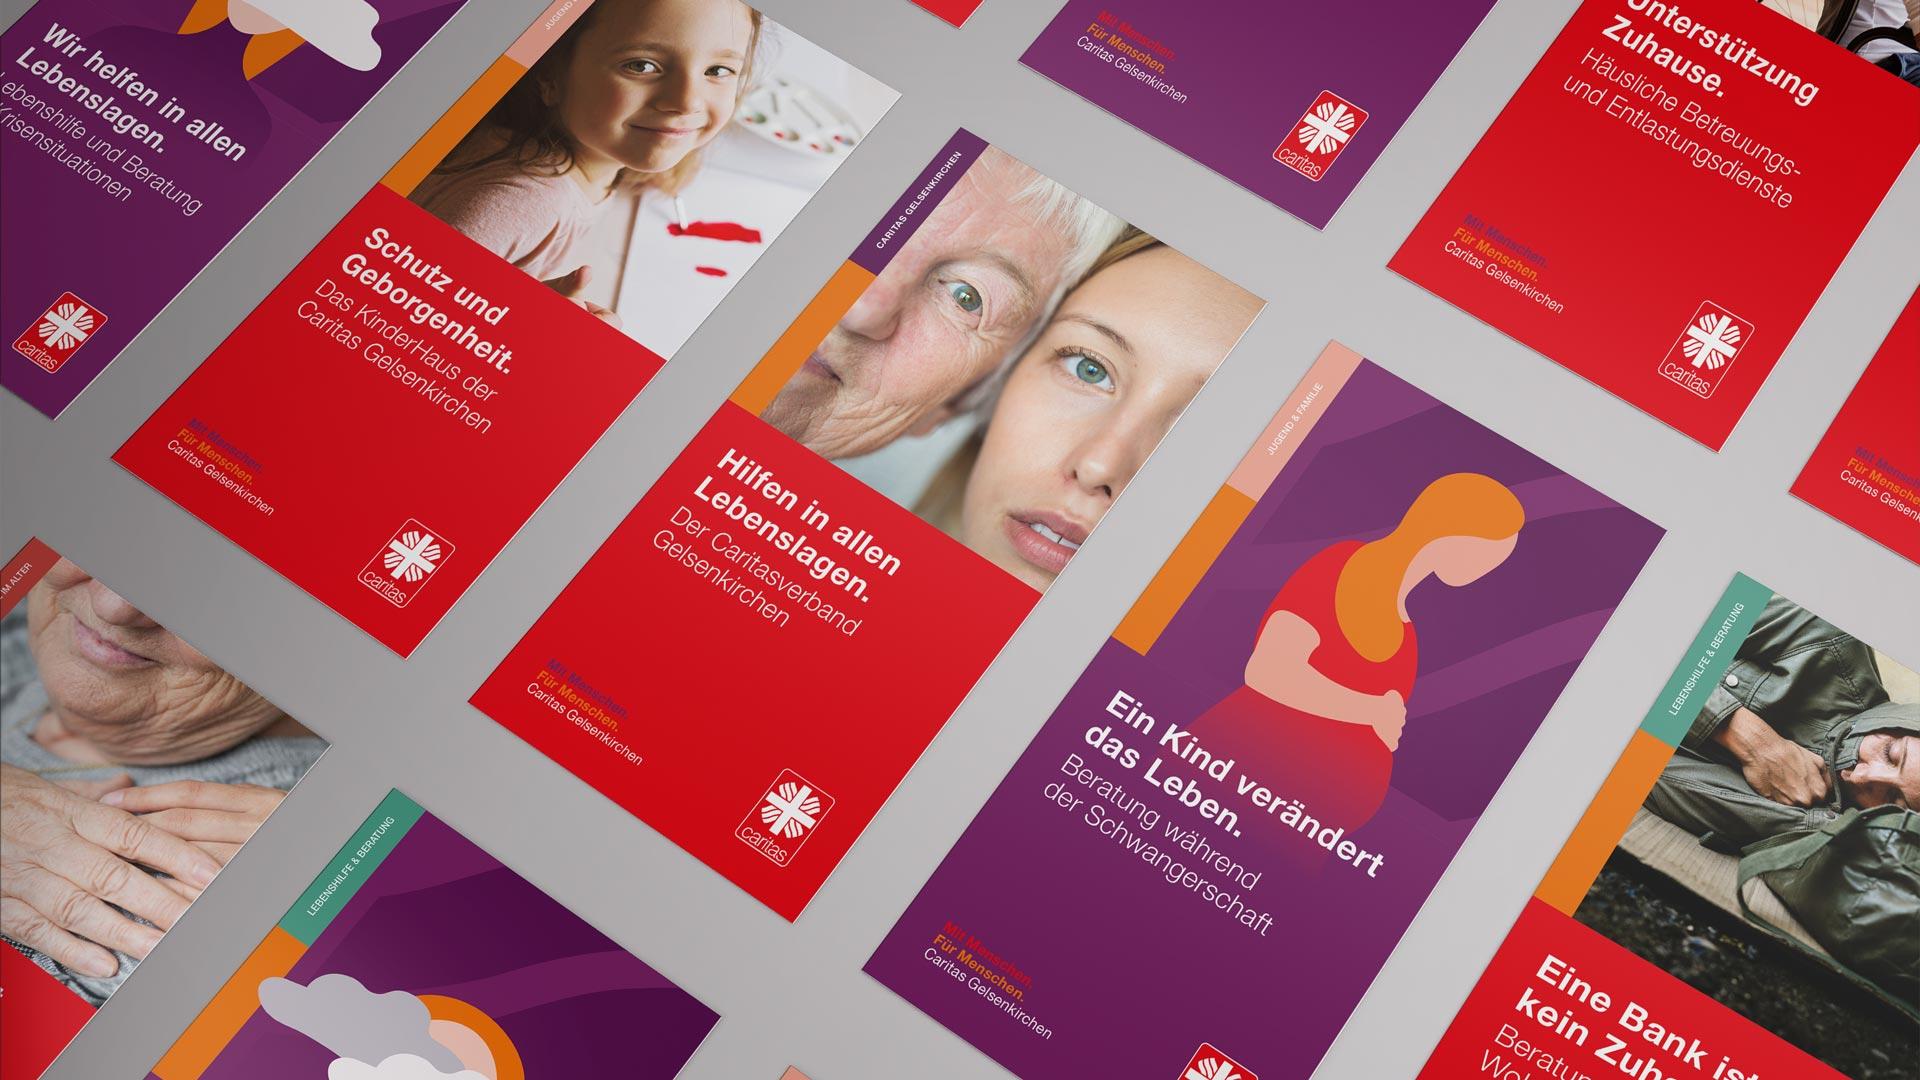 Titelseiten für Flyer im neuen Design